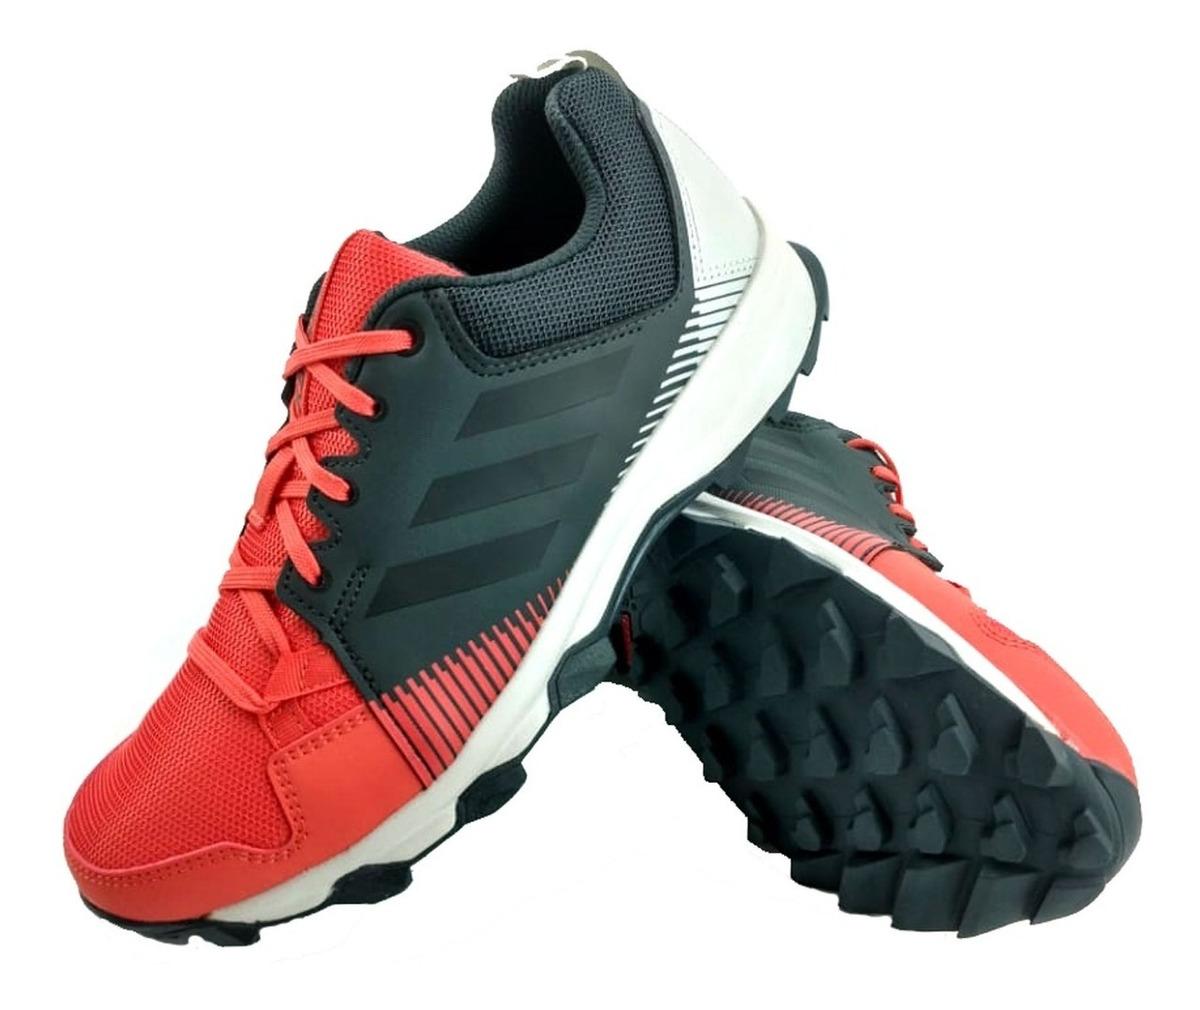 Eezap Zapatillas Terrex Mujer Tracerocker Negro Coral adidas IYWED2H9